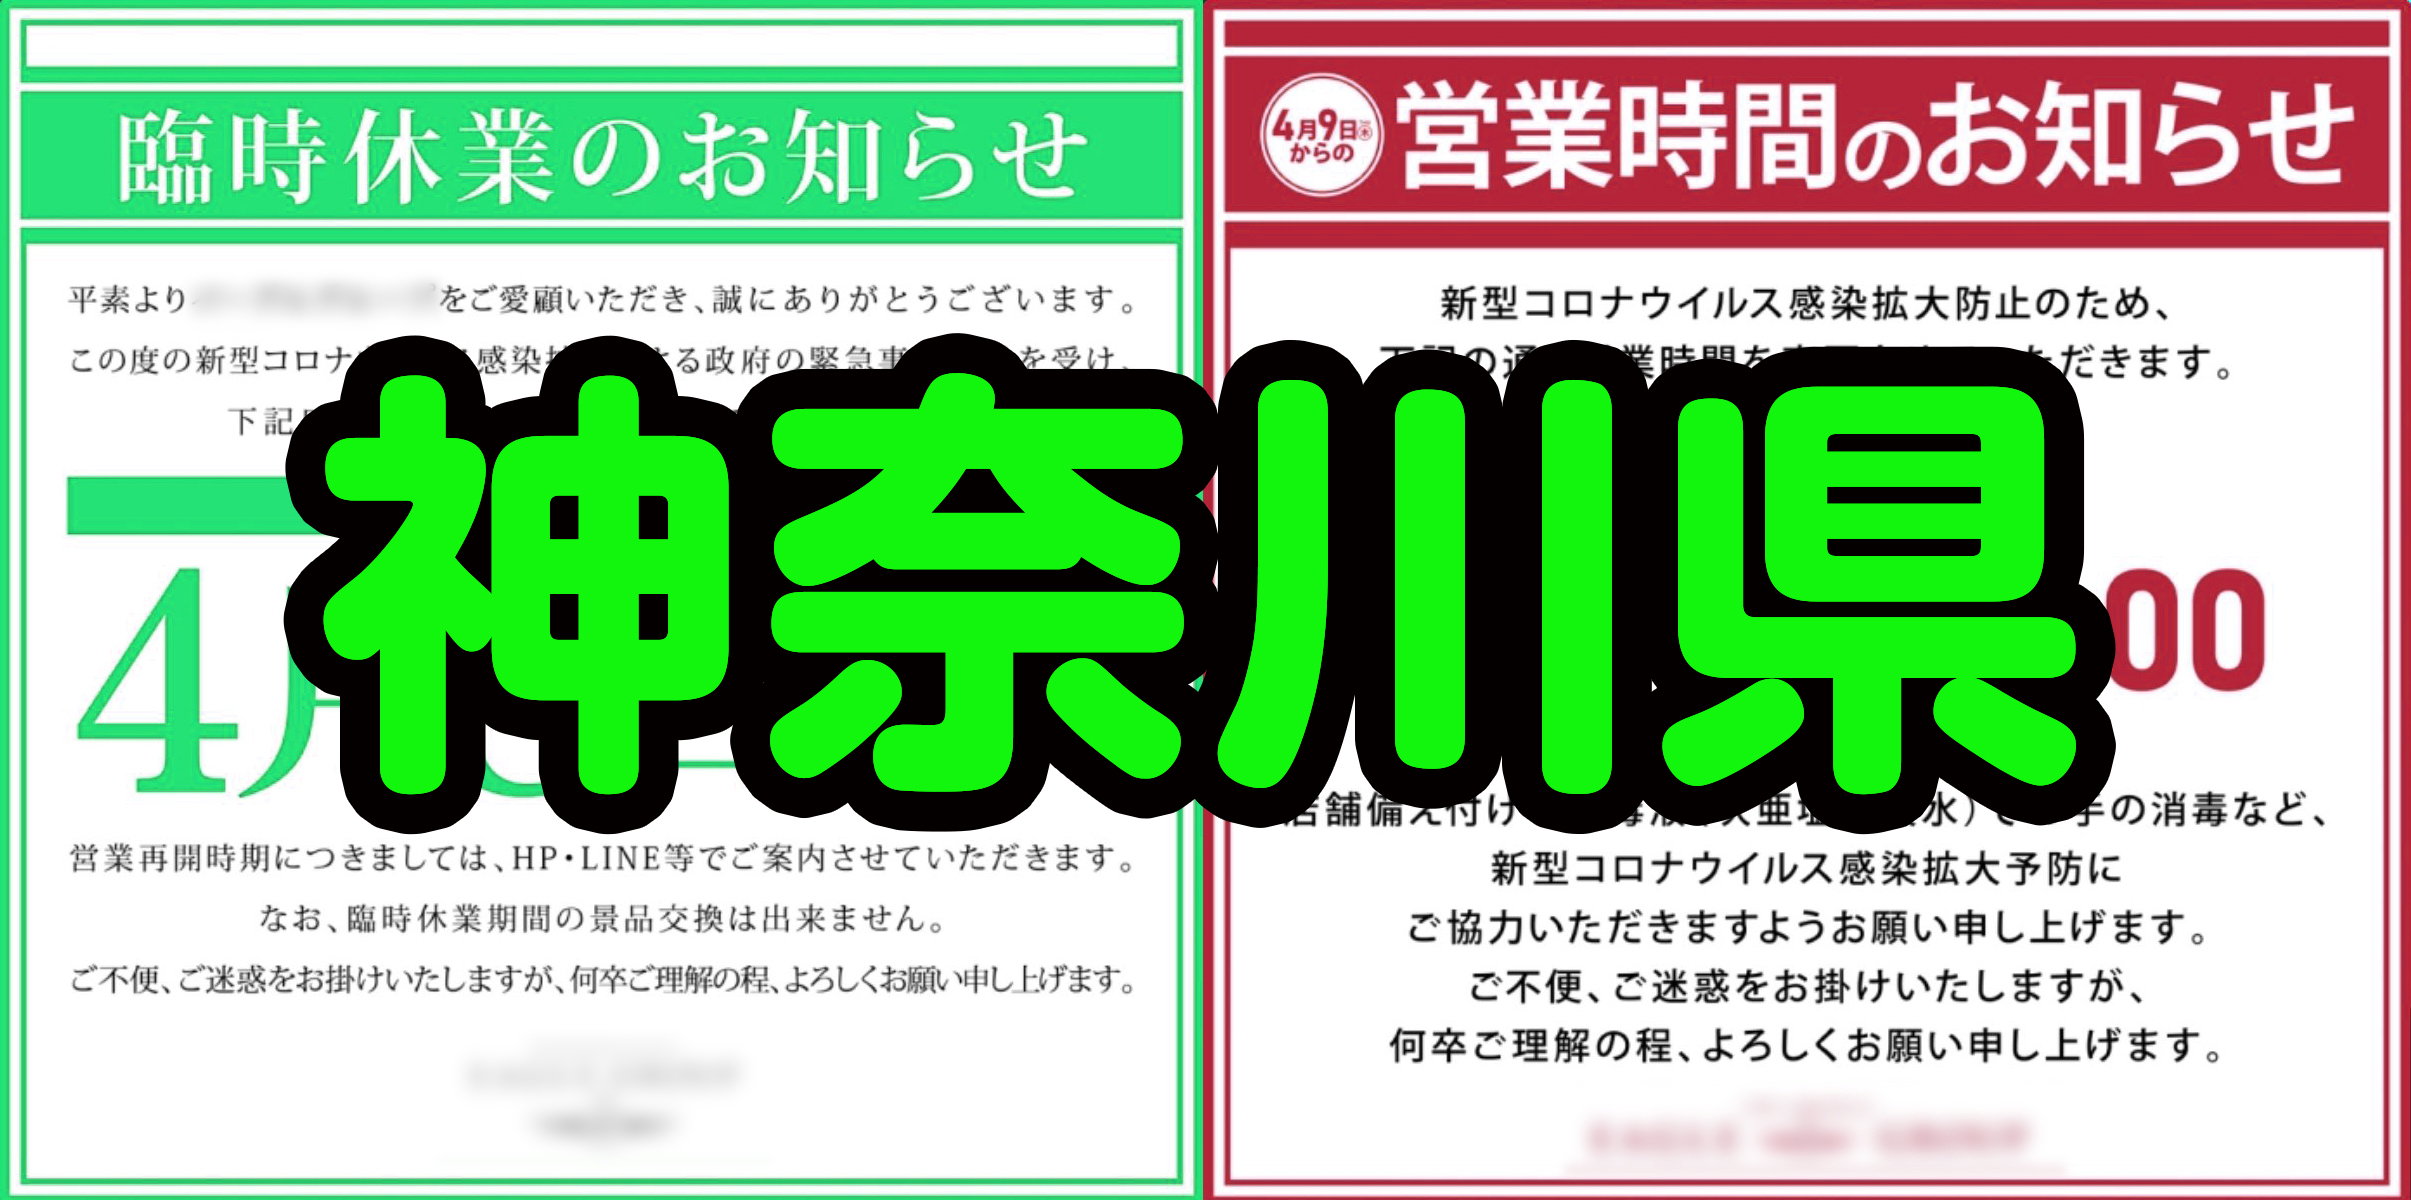 店名 公表 東京 パチンコ